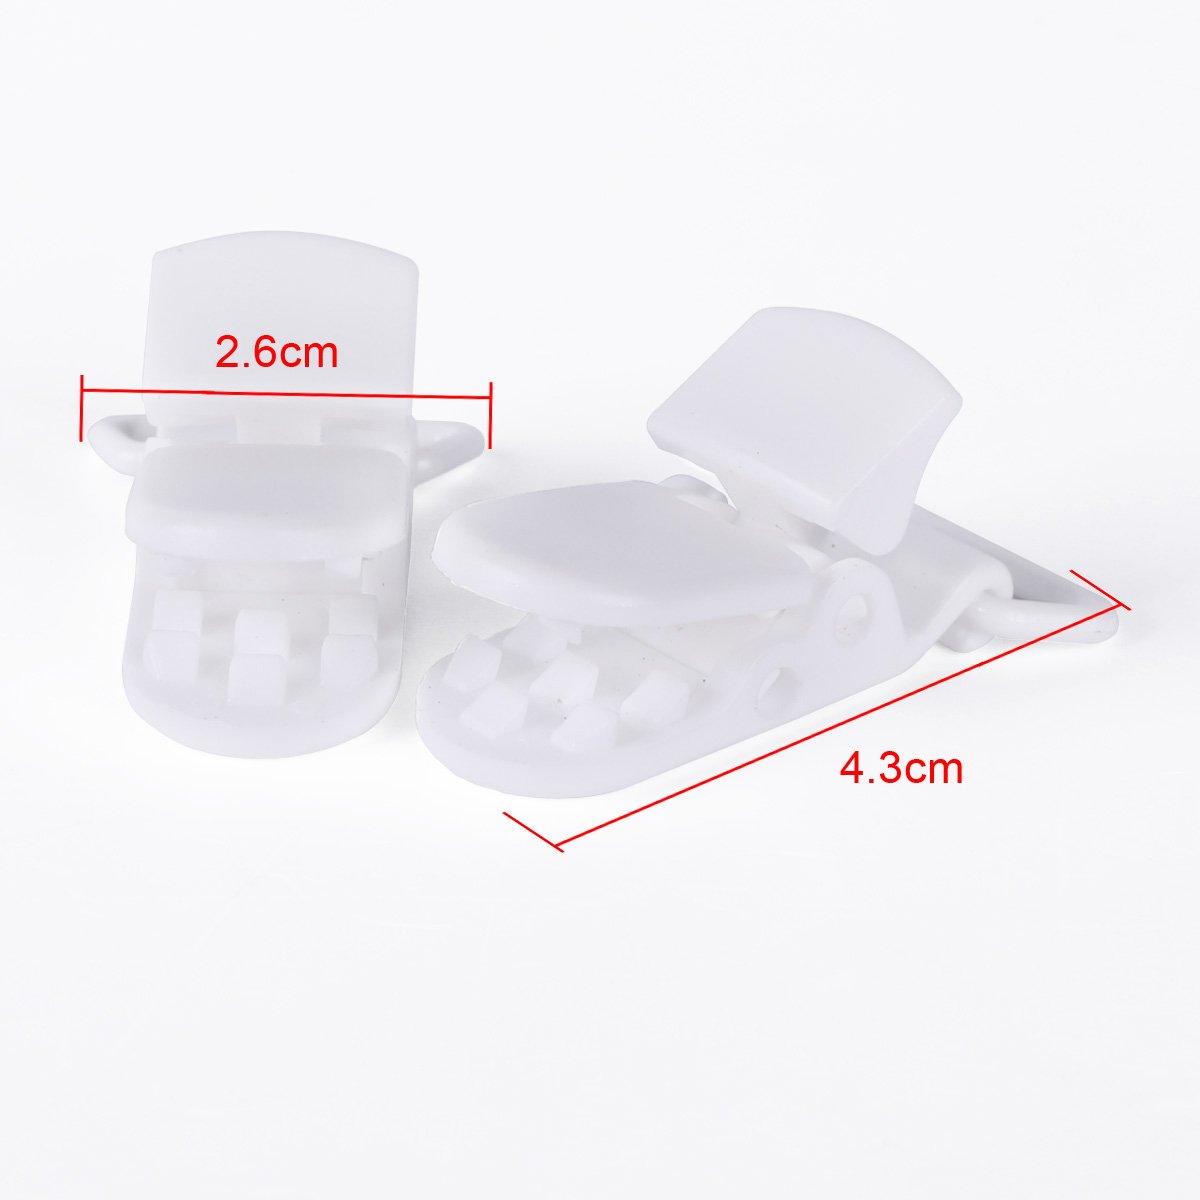 50pcs KAM Pince /à sucette bretelle attache clip plastique blanc